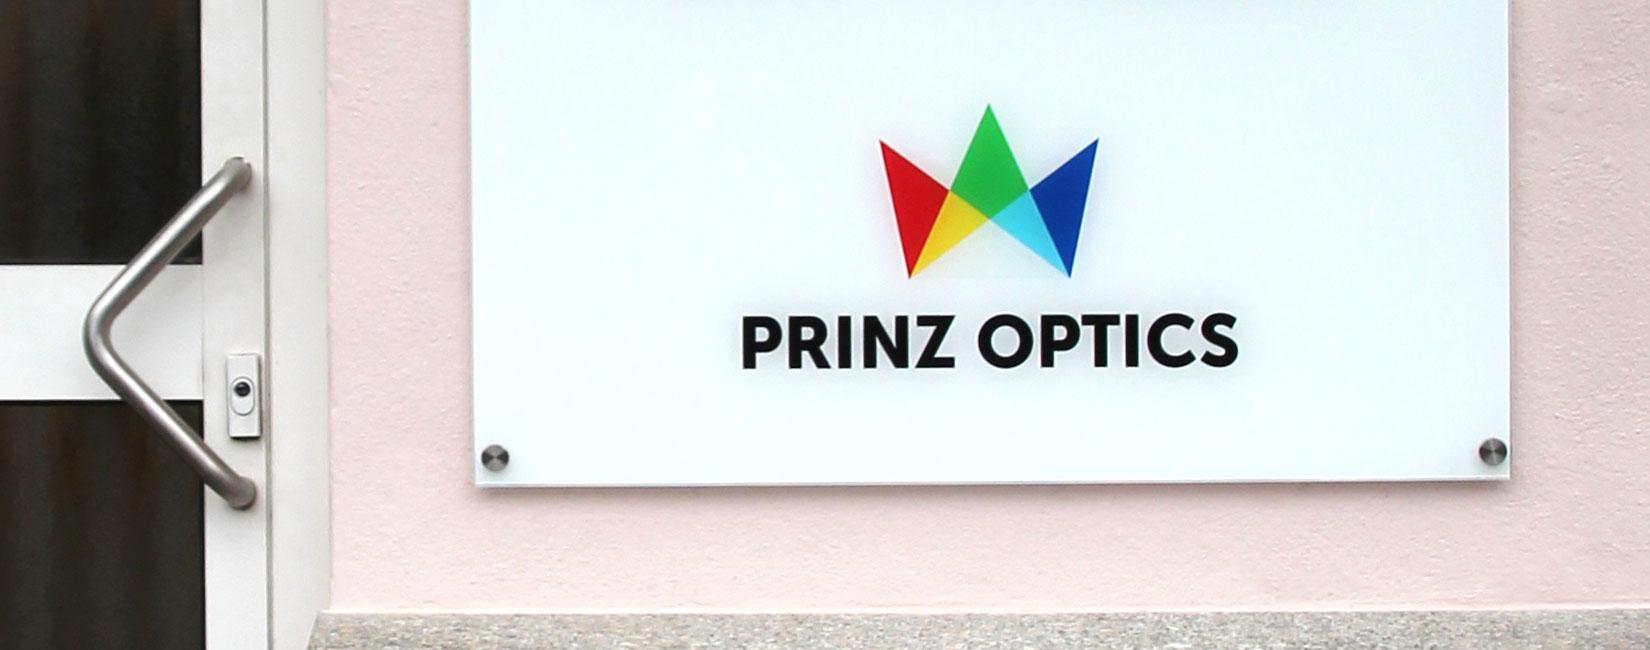 Prinz Optics GmbH - Optische Filter und Beschichtungen auf Glas